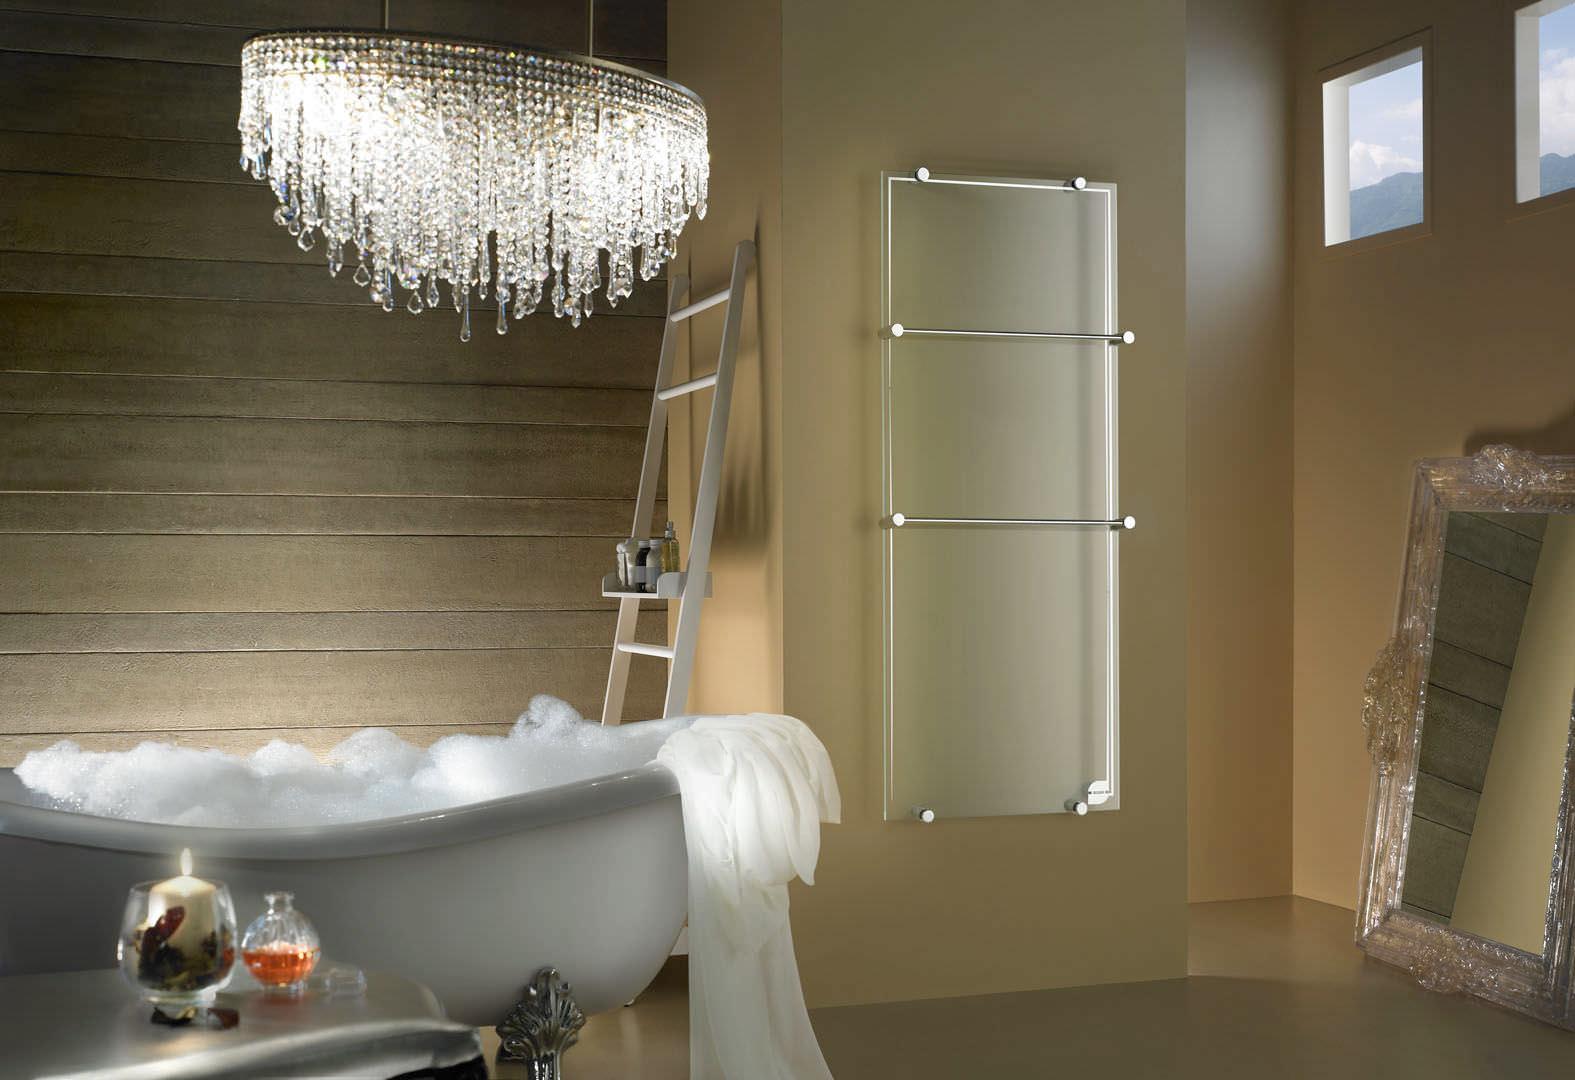 Elektrischer Badheizkörper / Glas / modern / wandmontiert ...